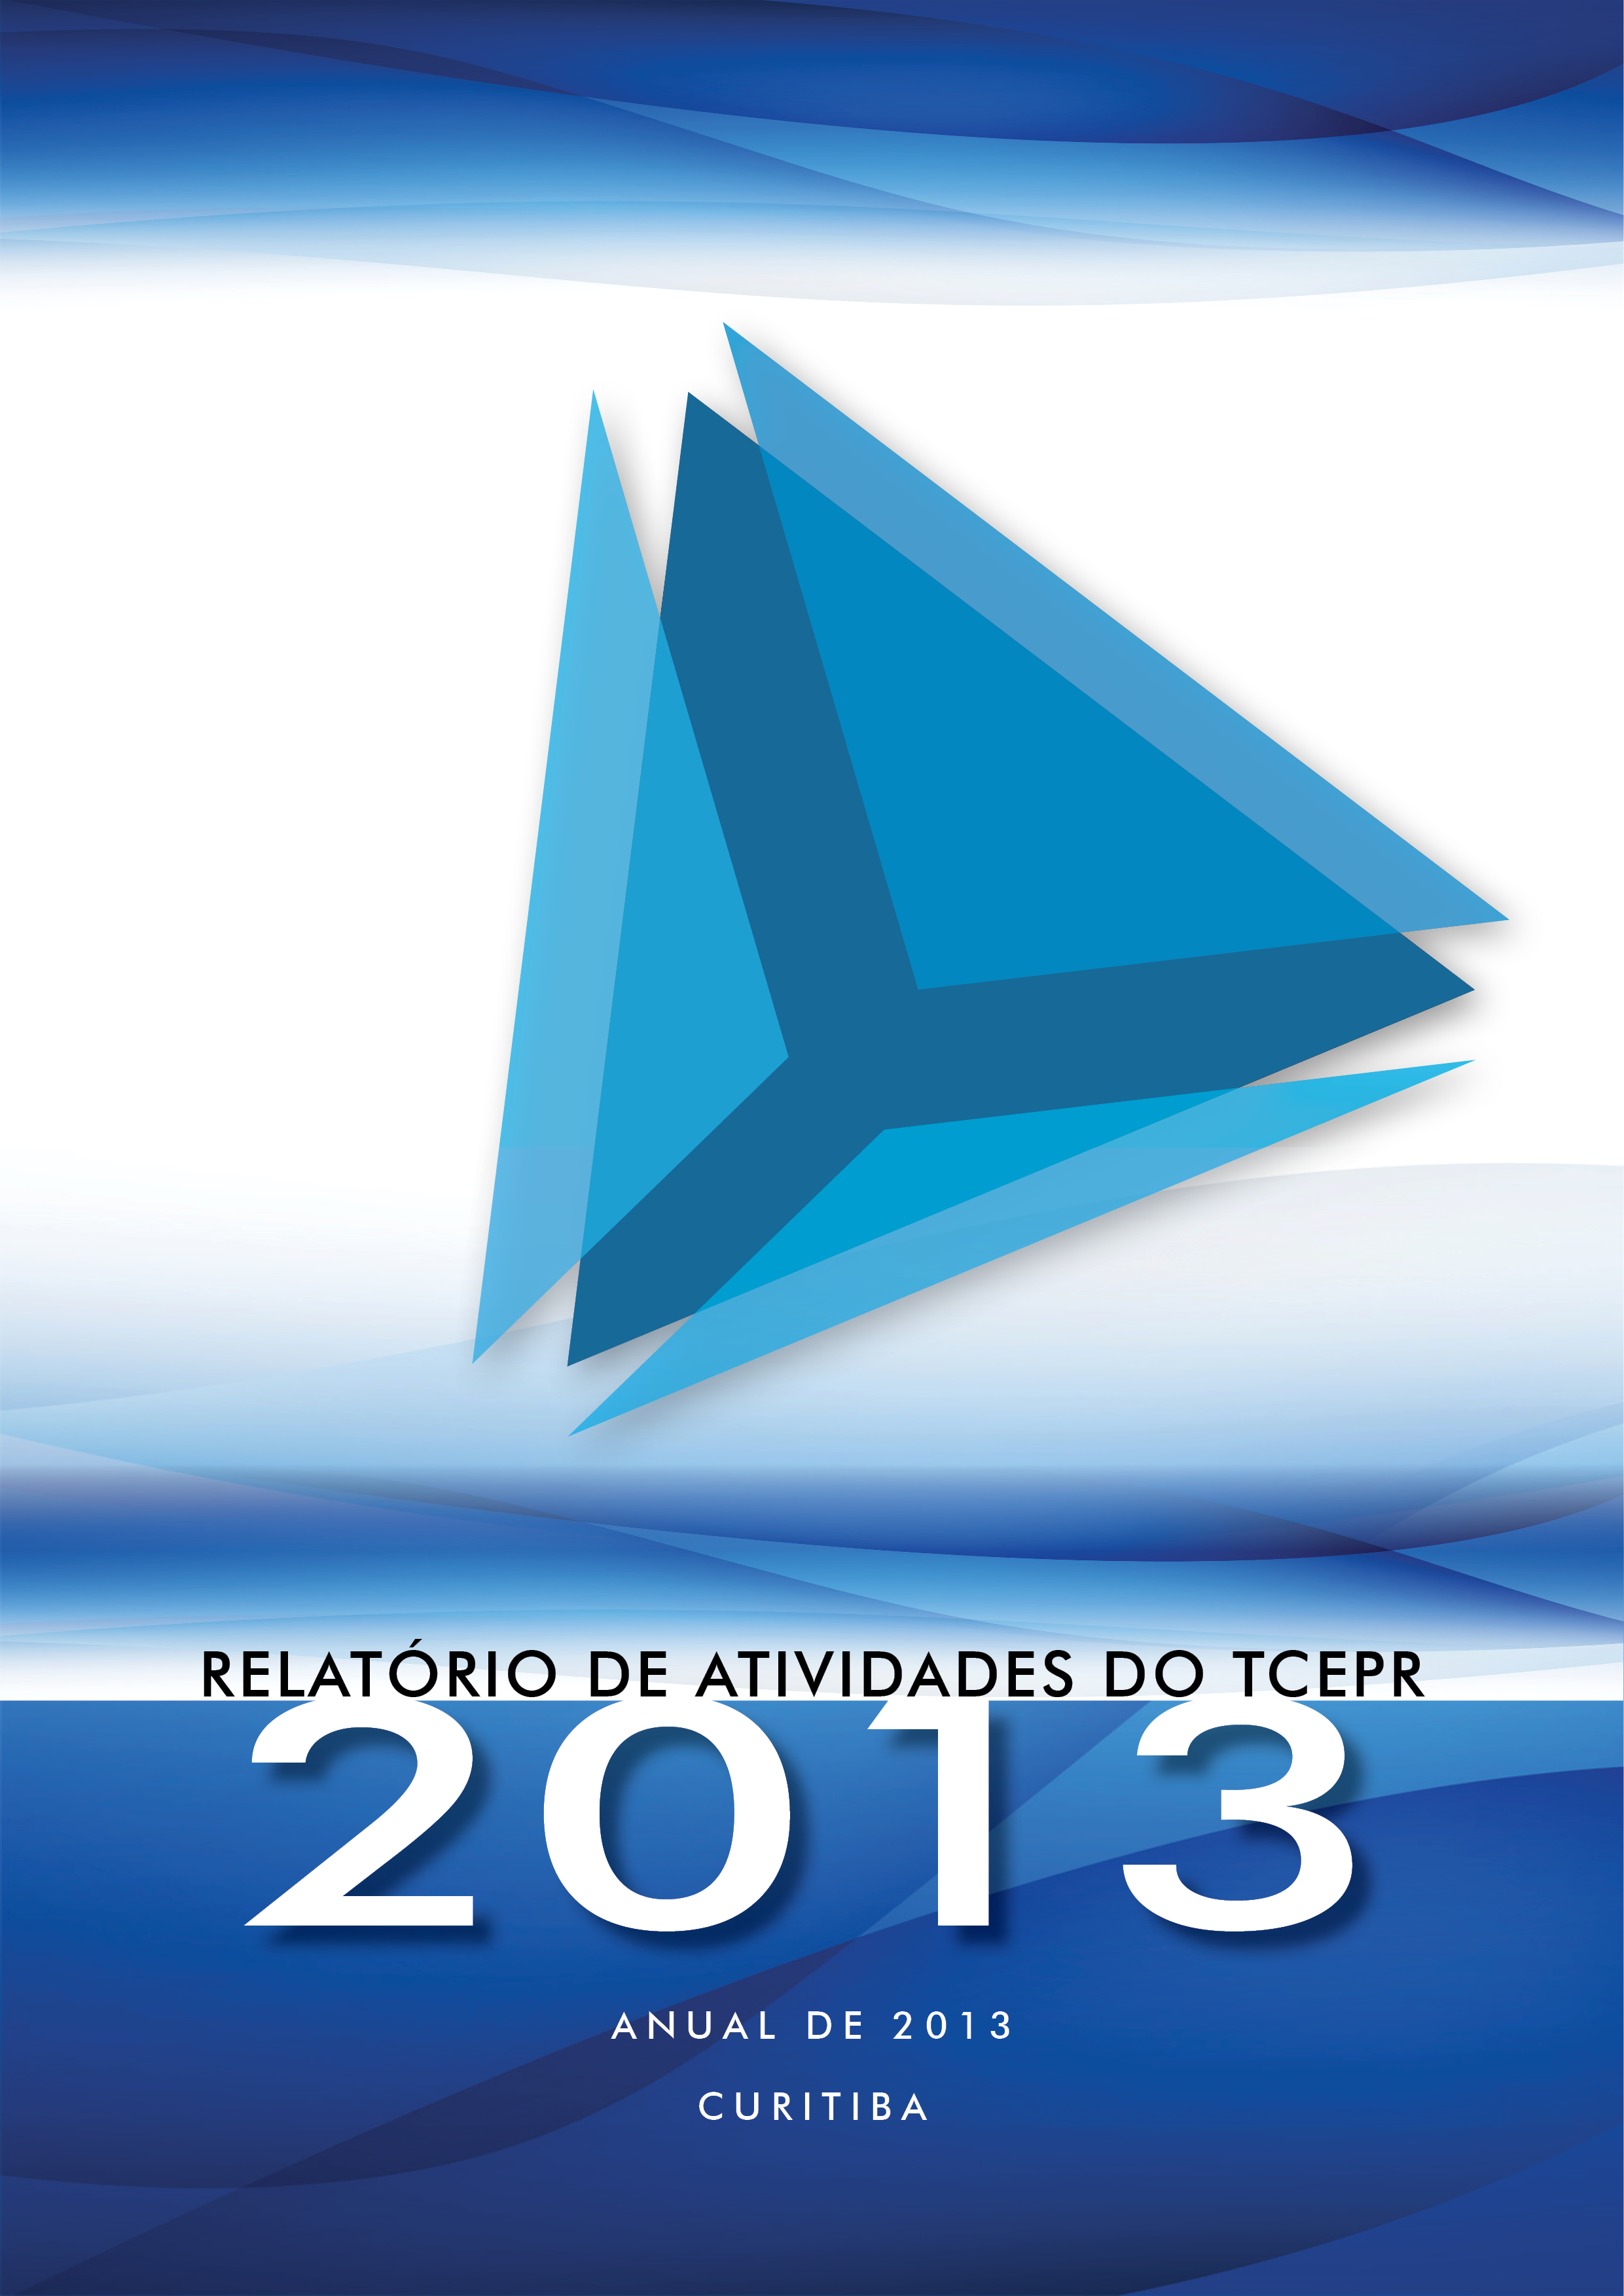 Relatório de Atividades - Ano 2013